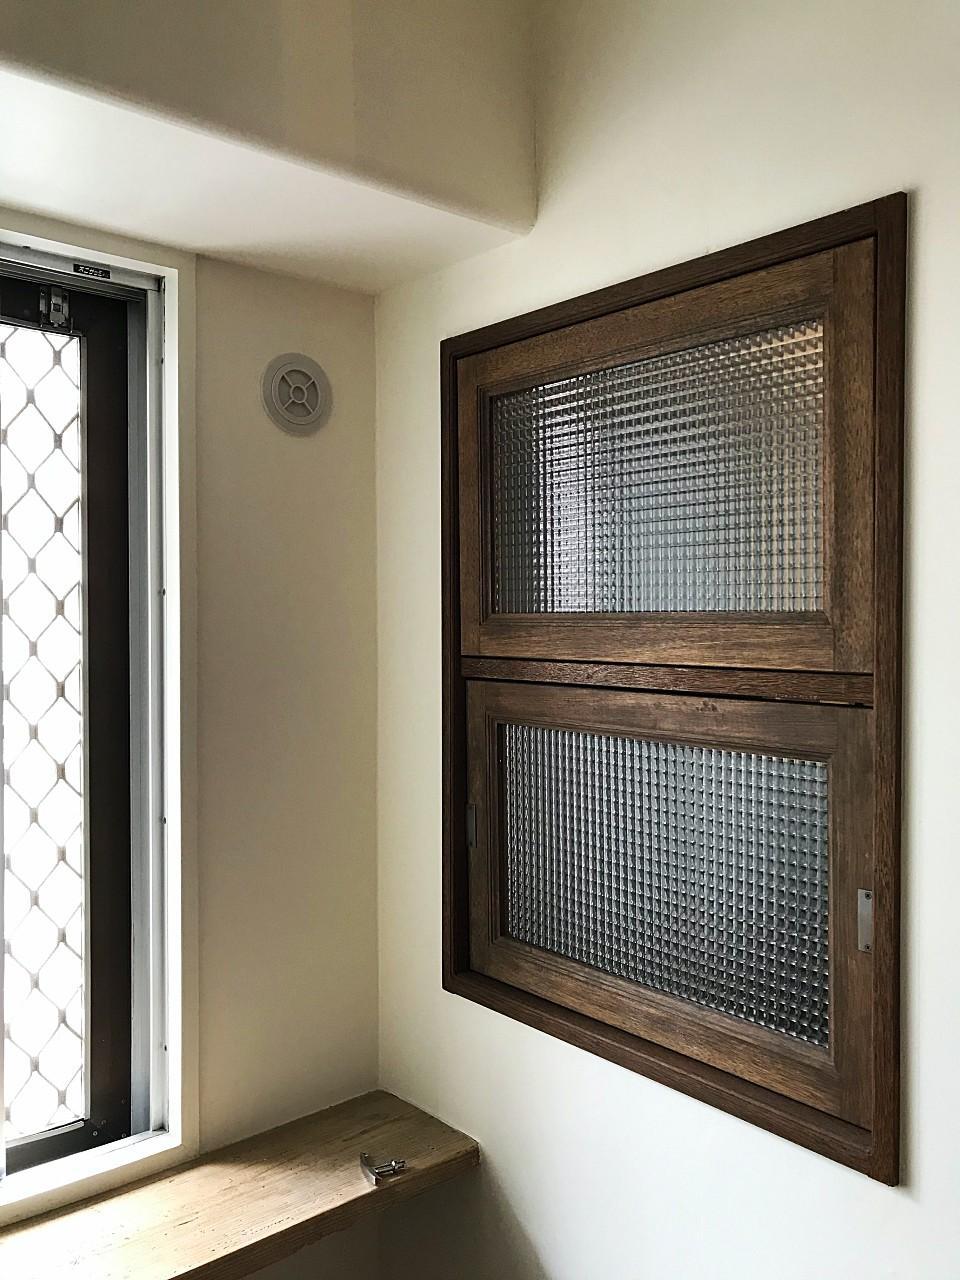 玄関とつながる回転窓